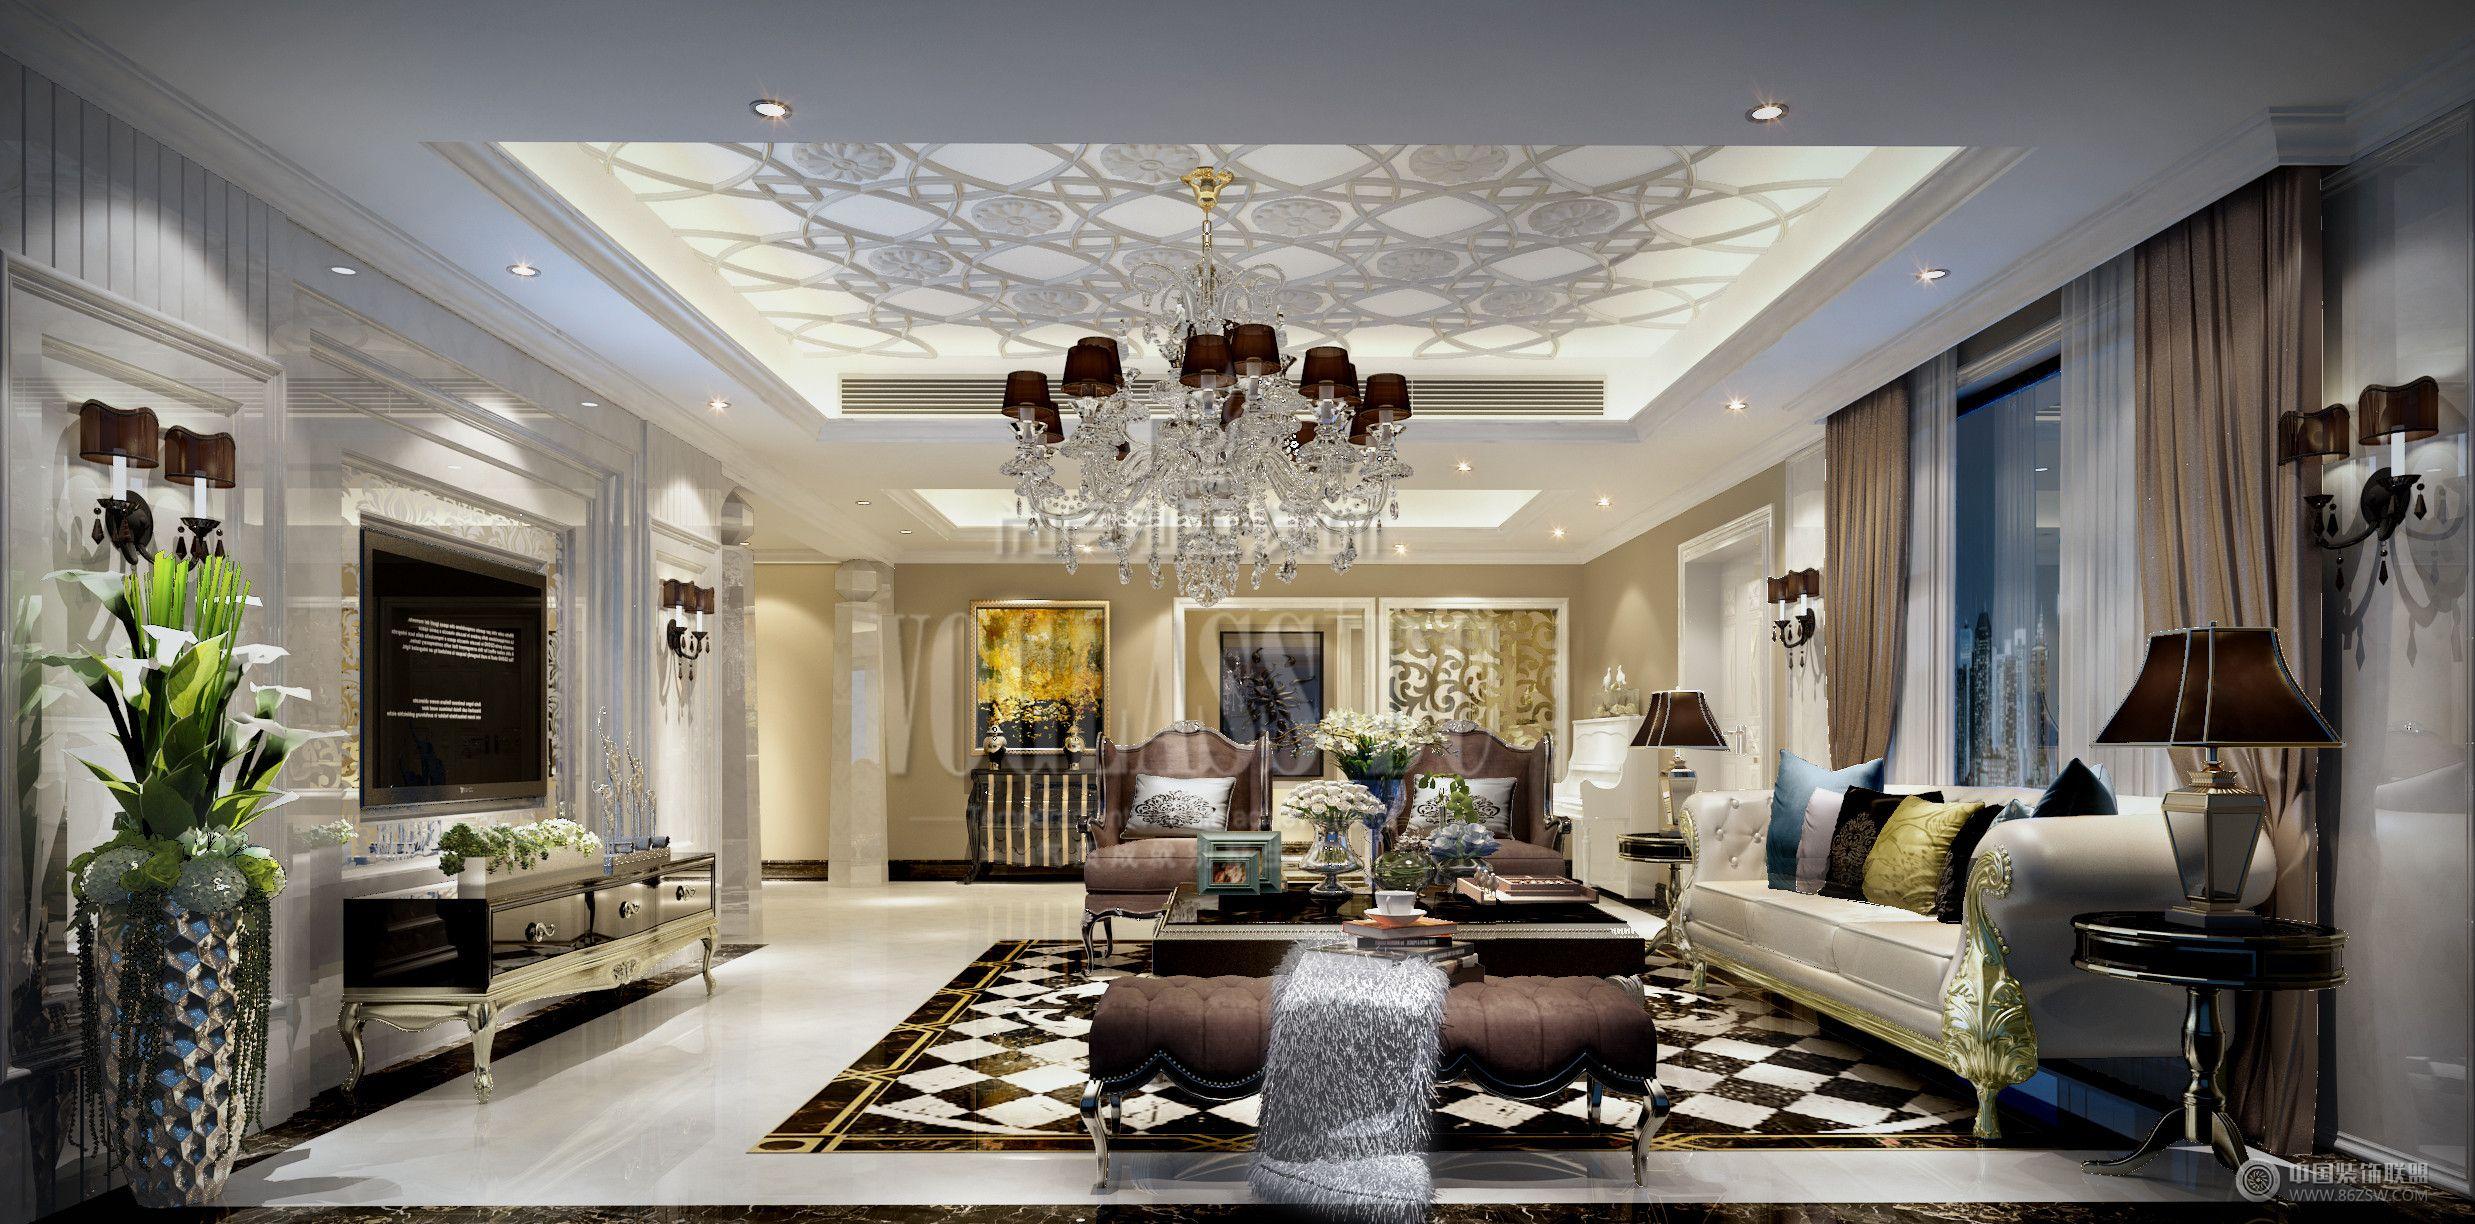 成都尚层装饰别墅装修设计师案例说明:业主喜欢浪漫、优雅古典主义。常住人口5人,希望设计师合理利用空间,尽量满足所有人的需求。新古典主义的设计风格其实是经过改良的古典主义风格。欧洲文化丰富的艺术底蕴,开放、创新的设计思想及其尊贵的姿容,一直以来颇受众人喜爱与追求。